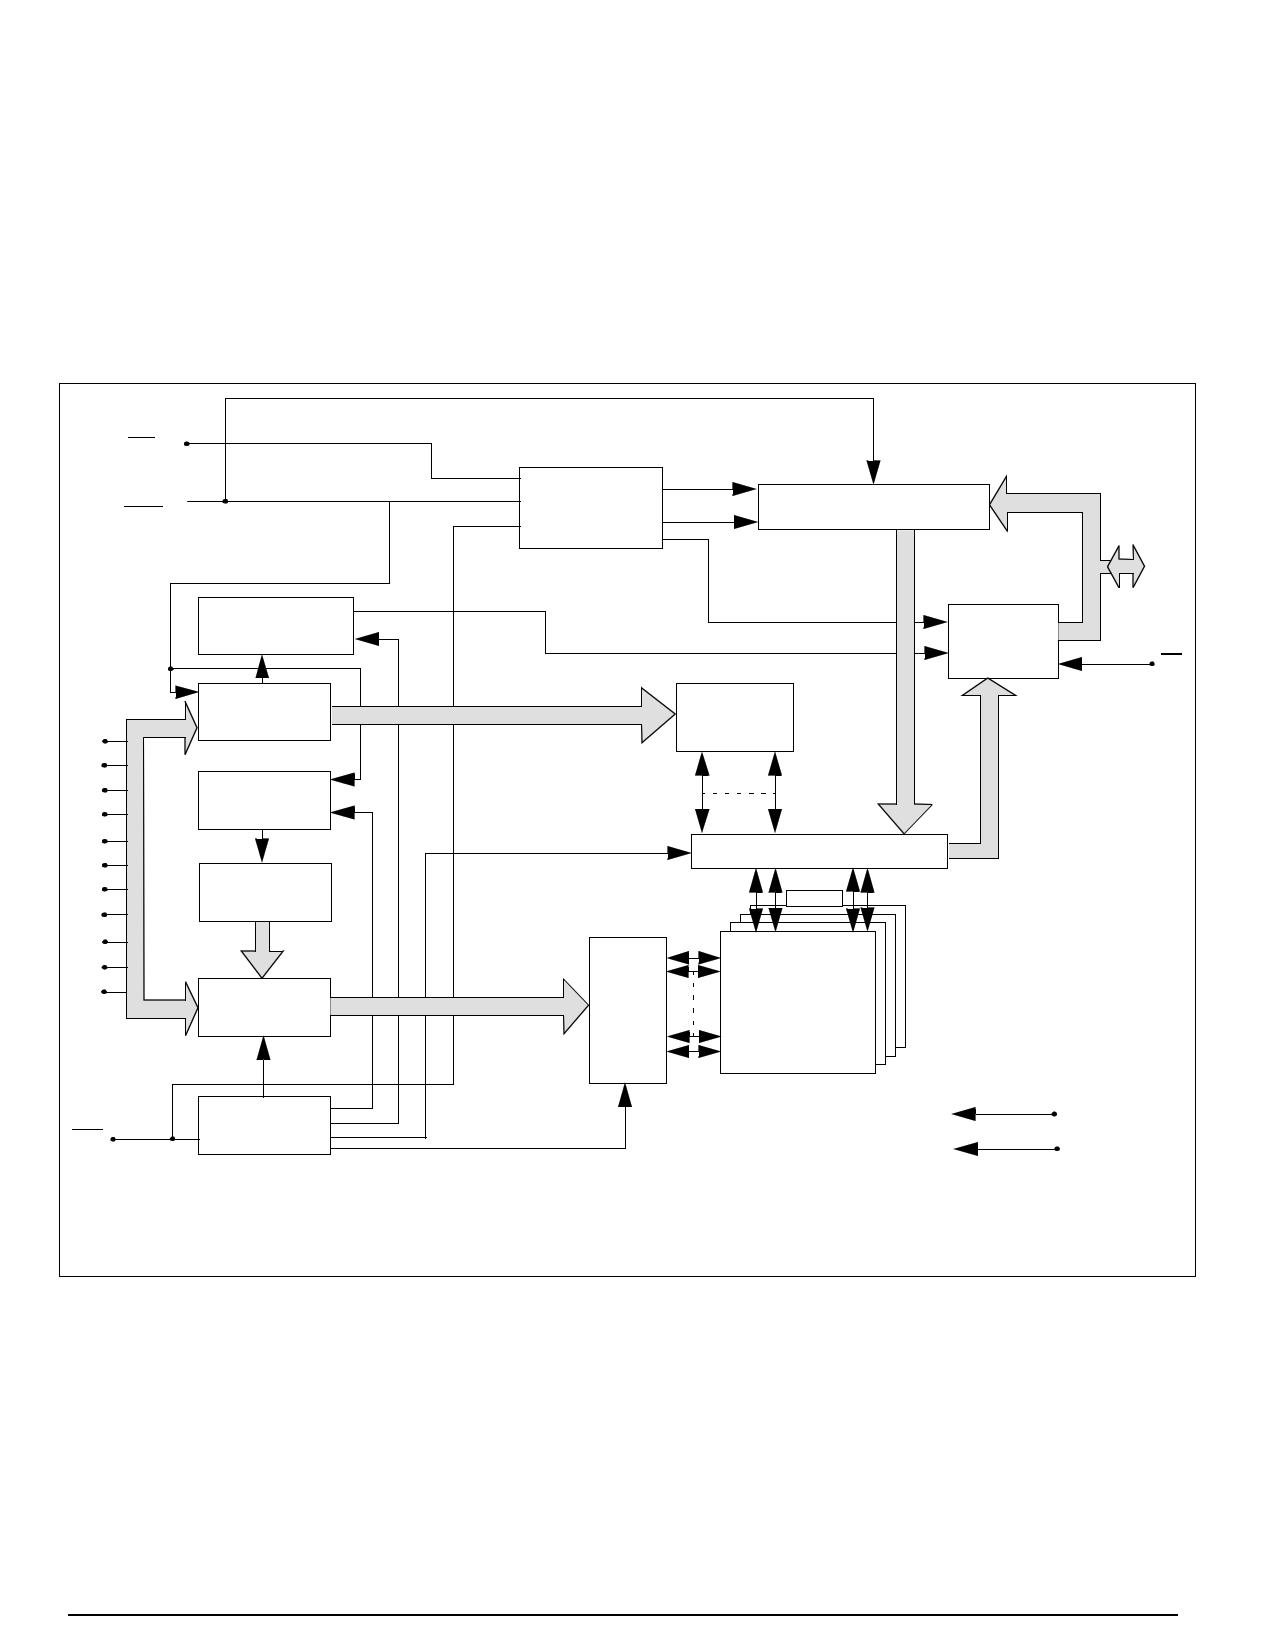 AD401M82RPA-5 equivalent